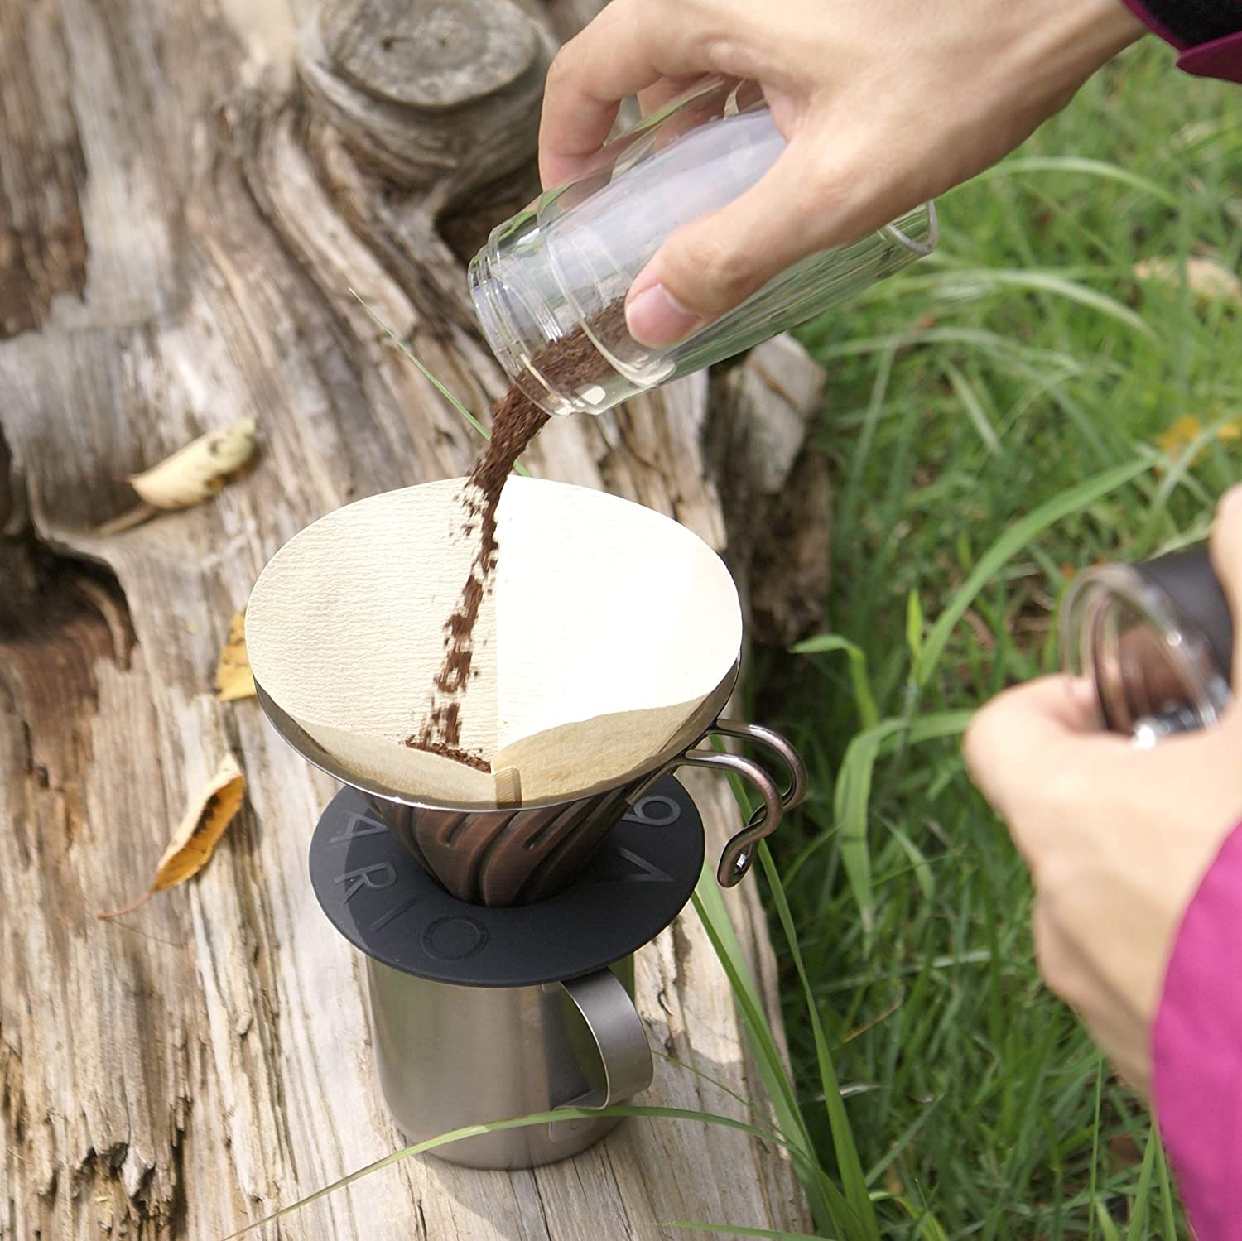 HARIO(ハリオ) コーヒーミル・セラミックスリム MSS-1TBの商品画像6